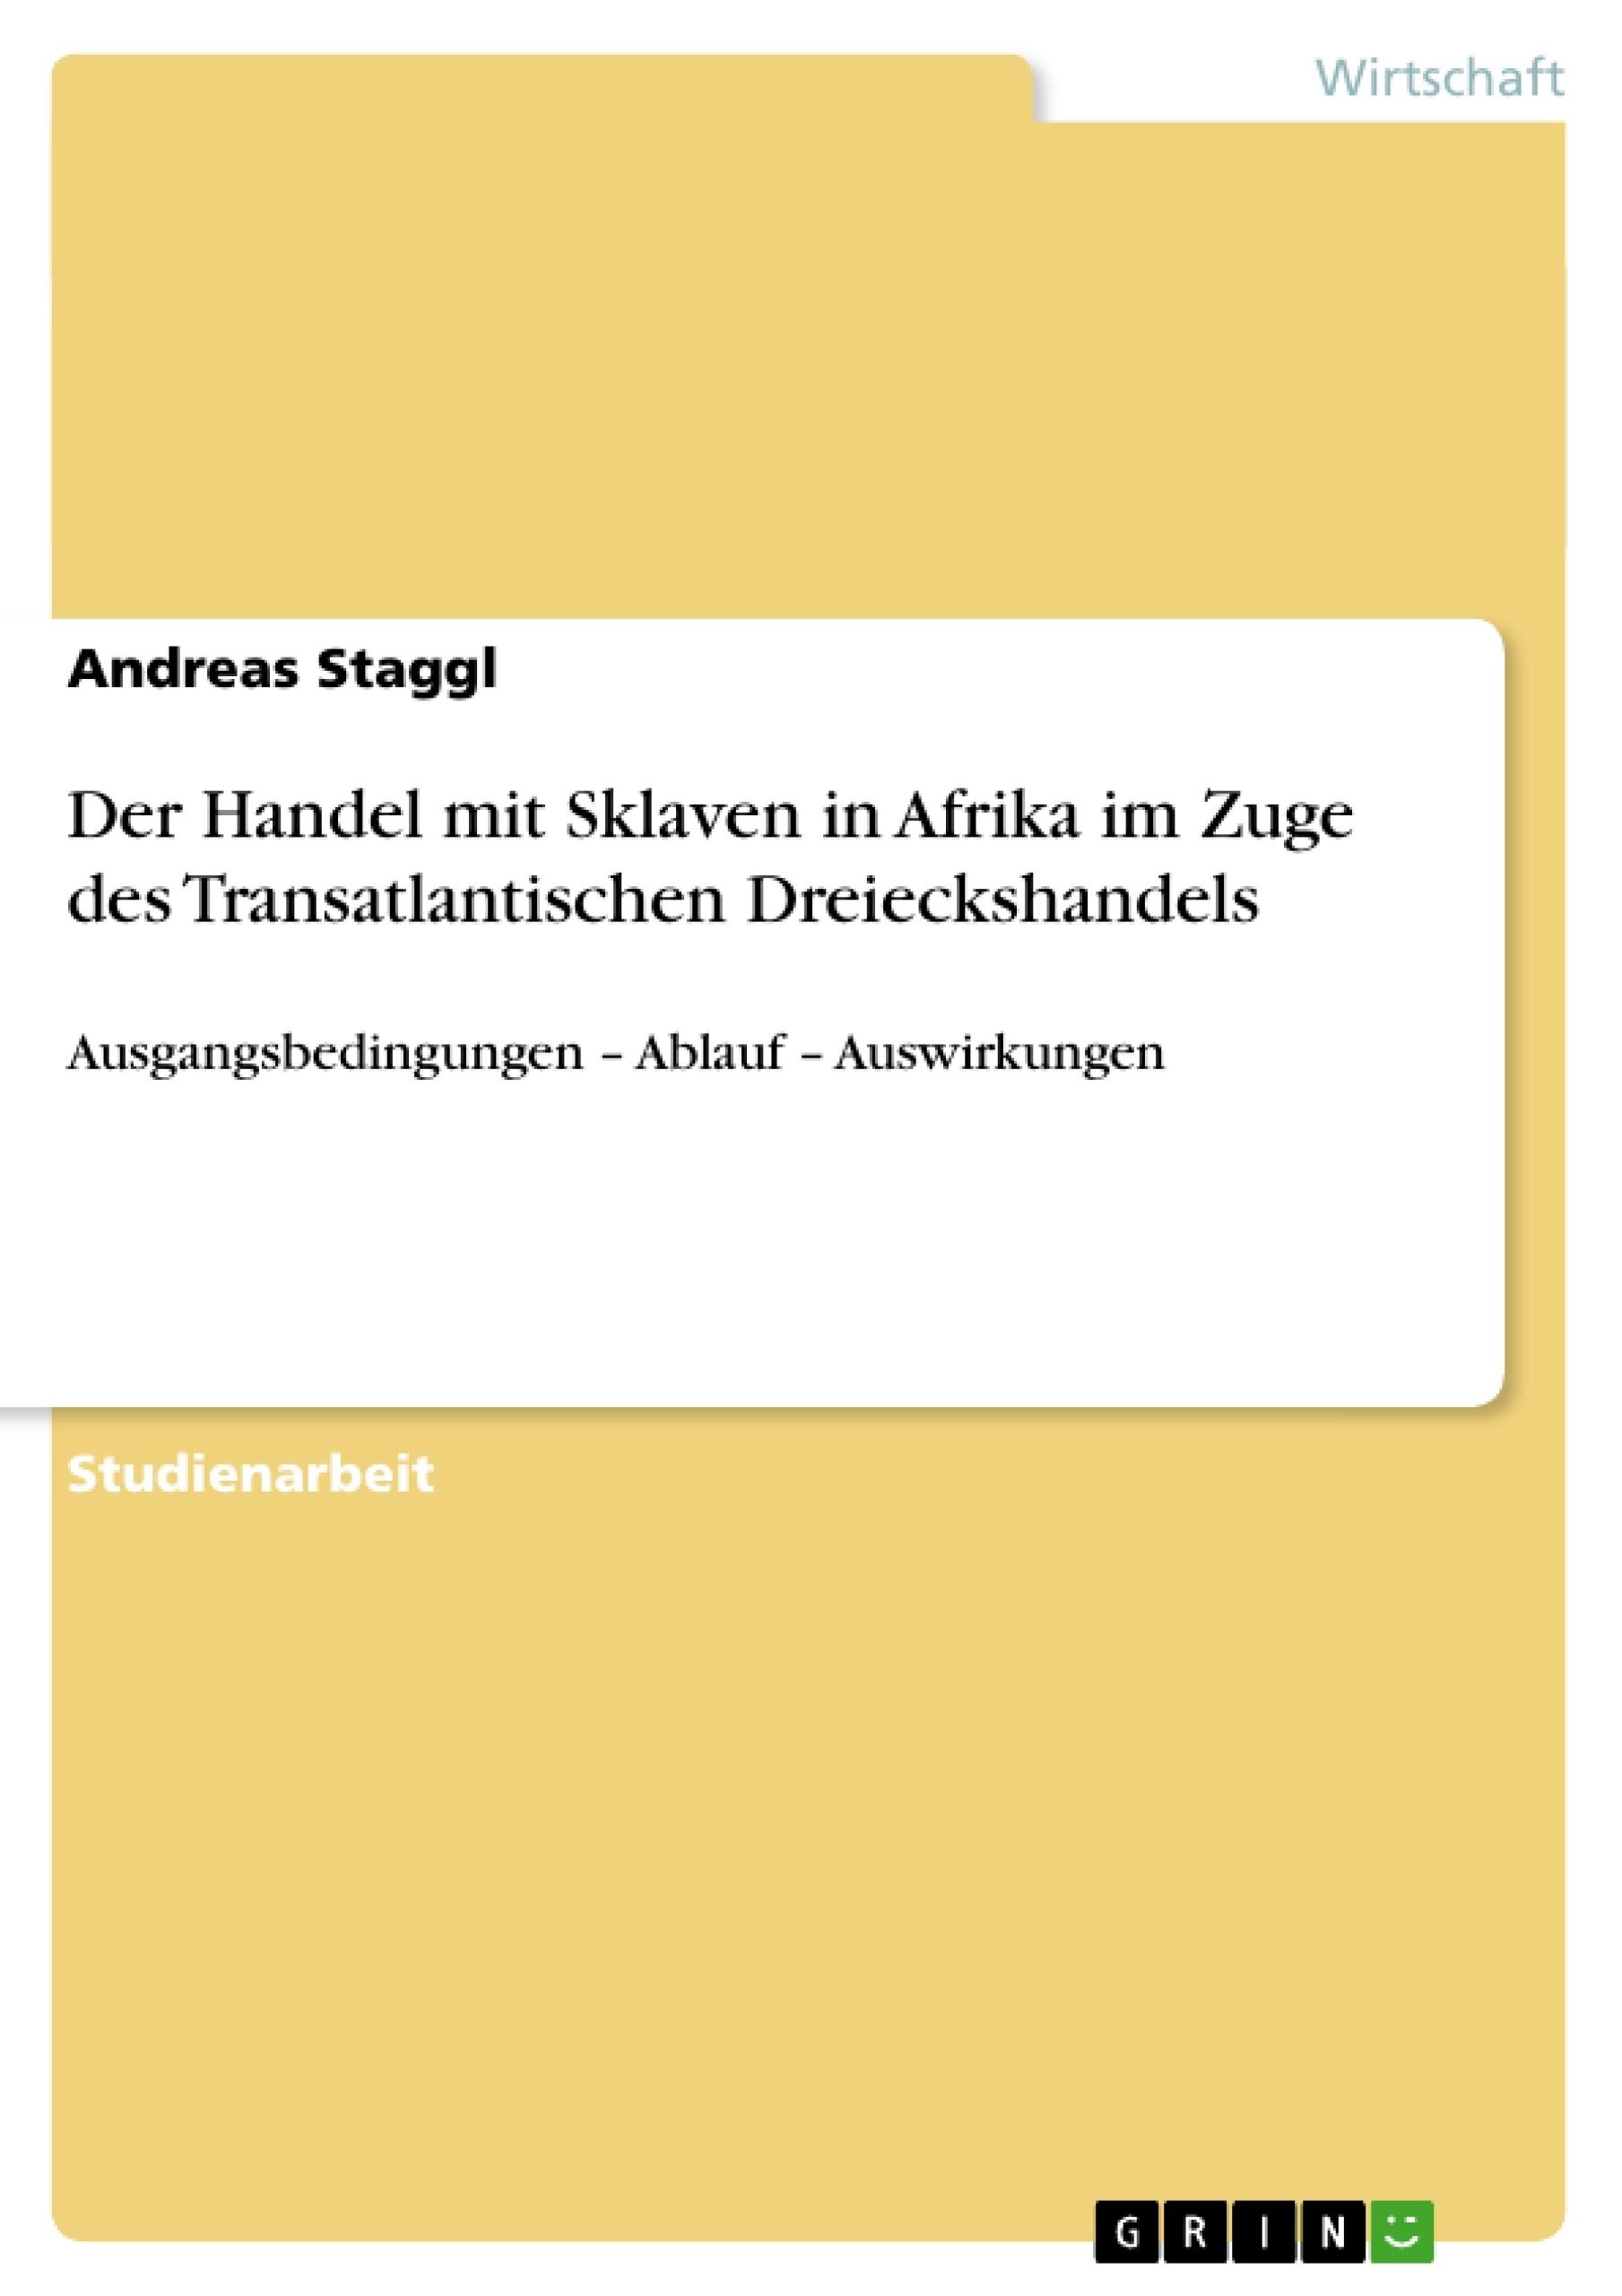 Titel: Der Handel mit Sklaven in Afrika im Zuge des Transatlantischen Dreieckshandels